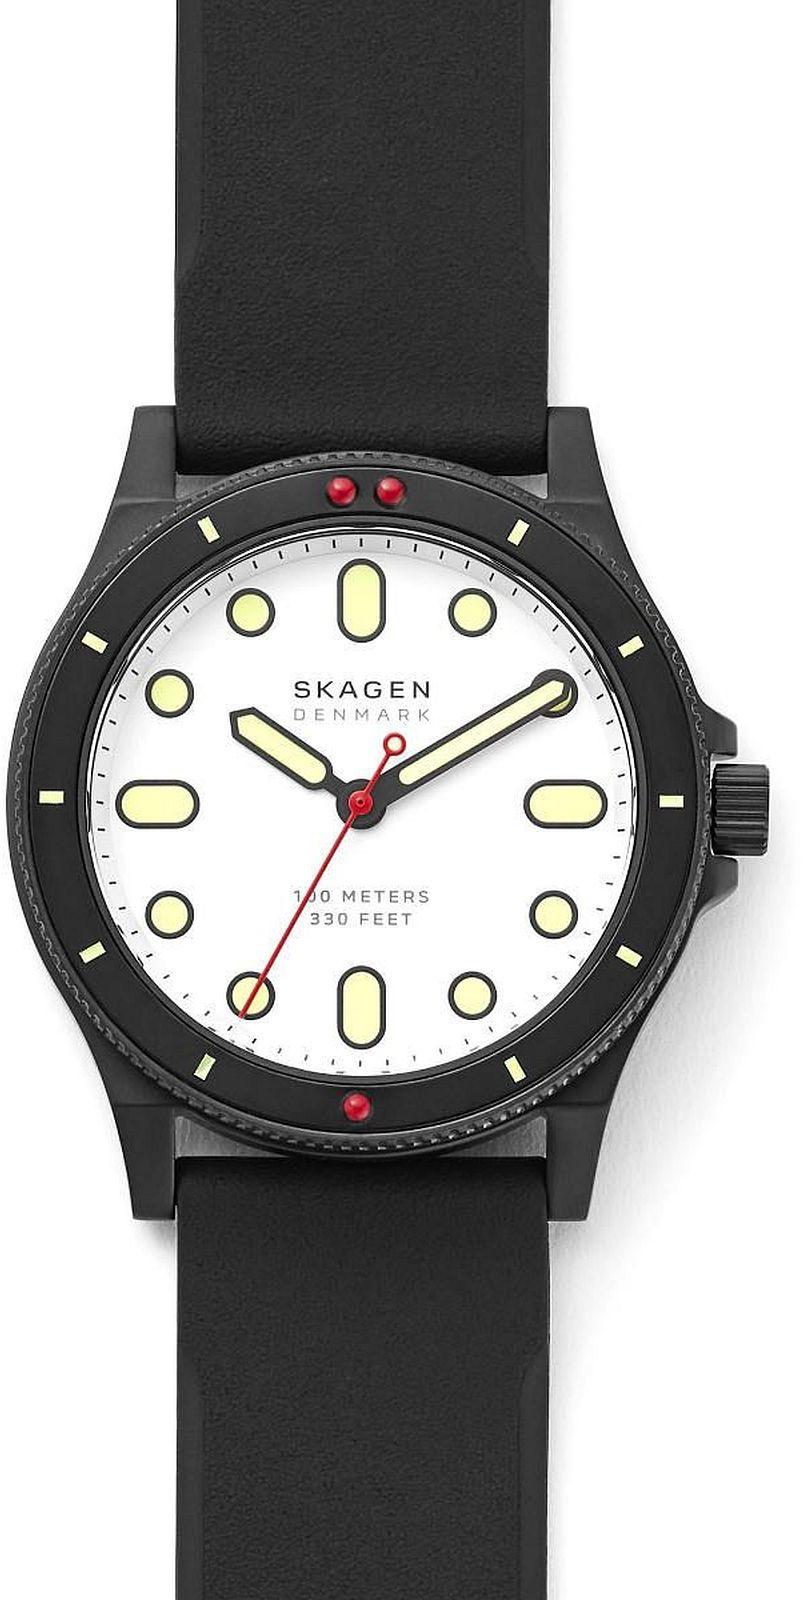 Skagen SKW6667 > Wysyłka tego samego dnia Grawer 0zł Darmowa dostawa Kurierem/Inpost Darmowy zwrot przez 100 DNI